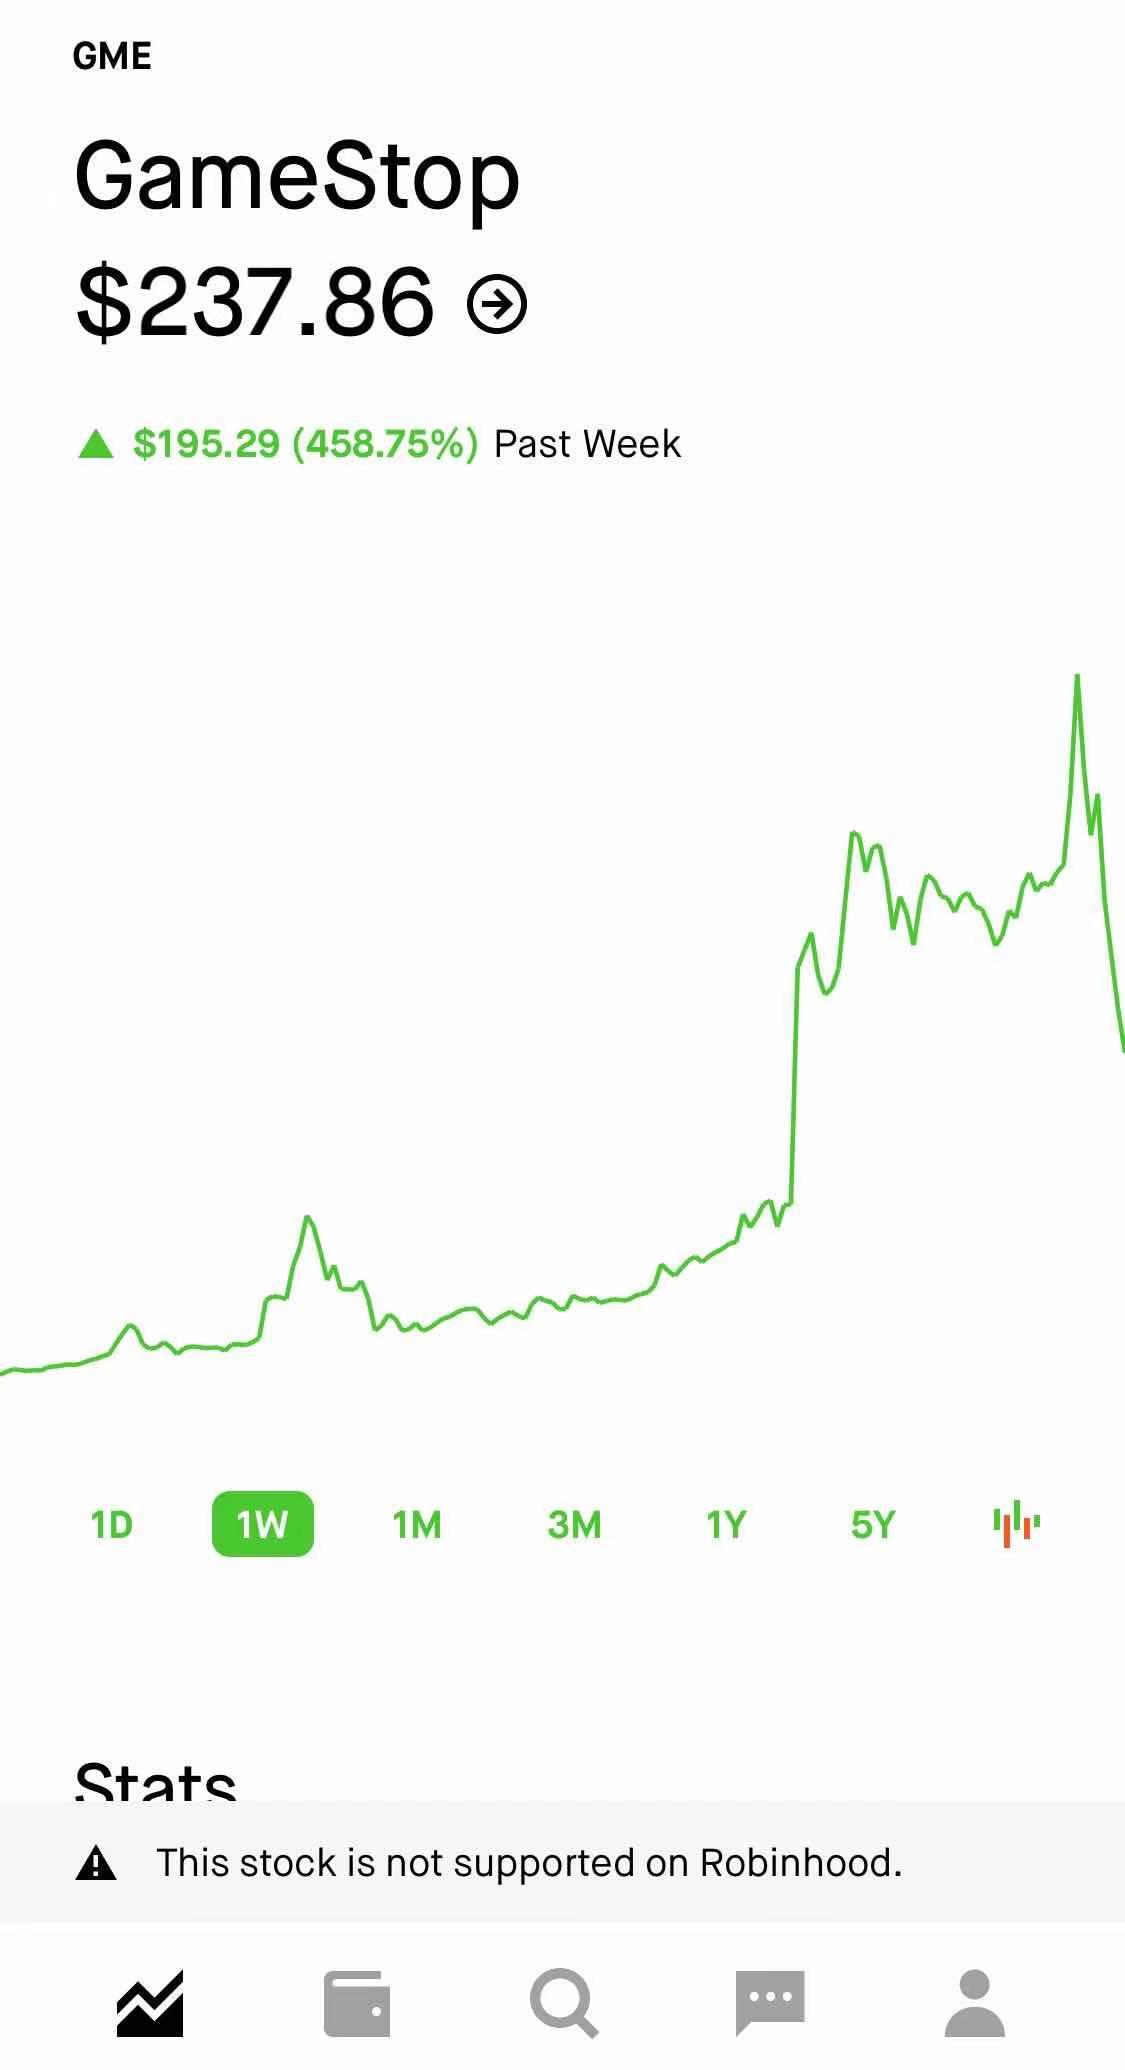 只卖不买!美国证券交易平台罗宾汉限制游戏站和AMC等股票